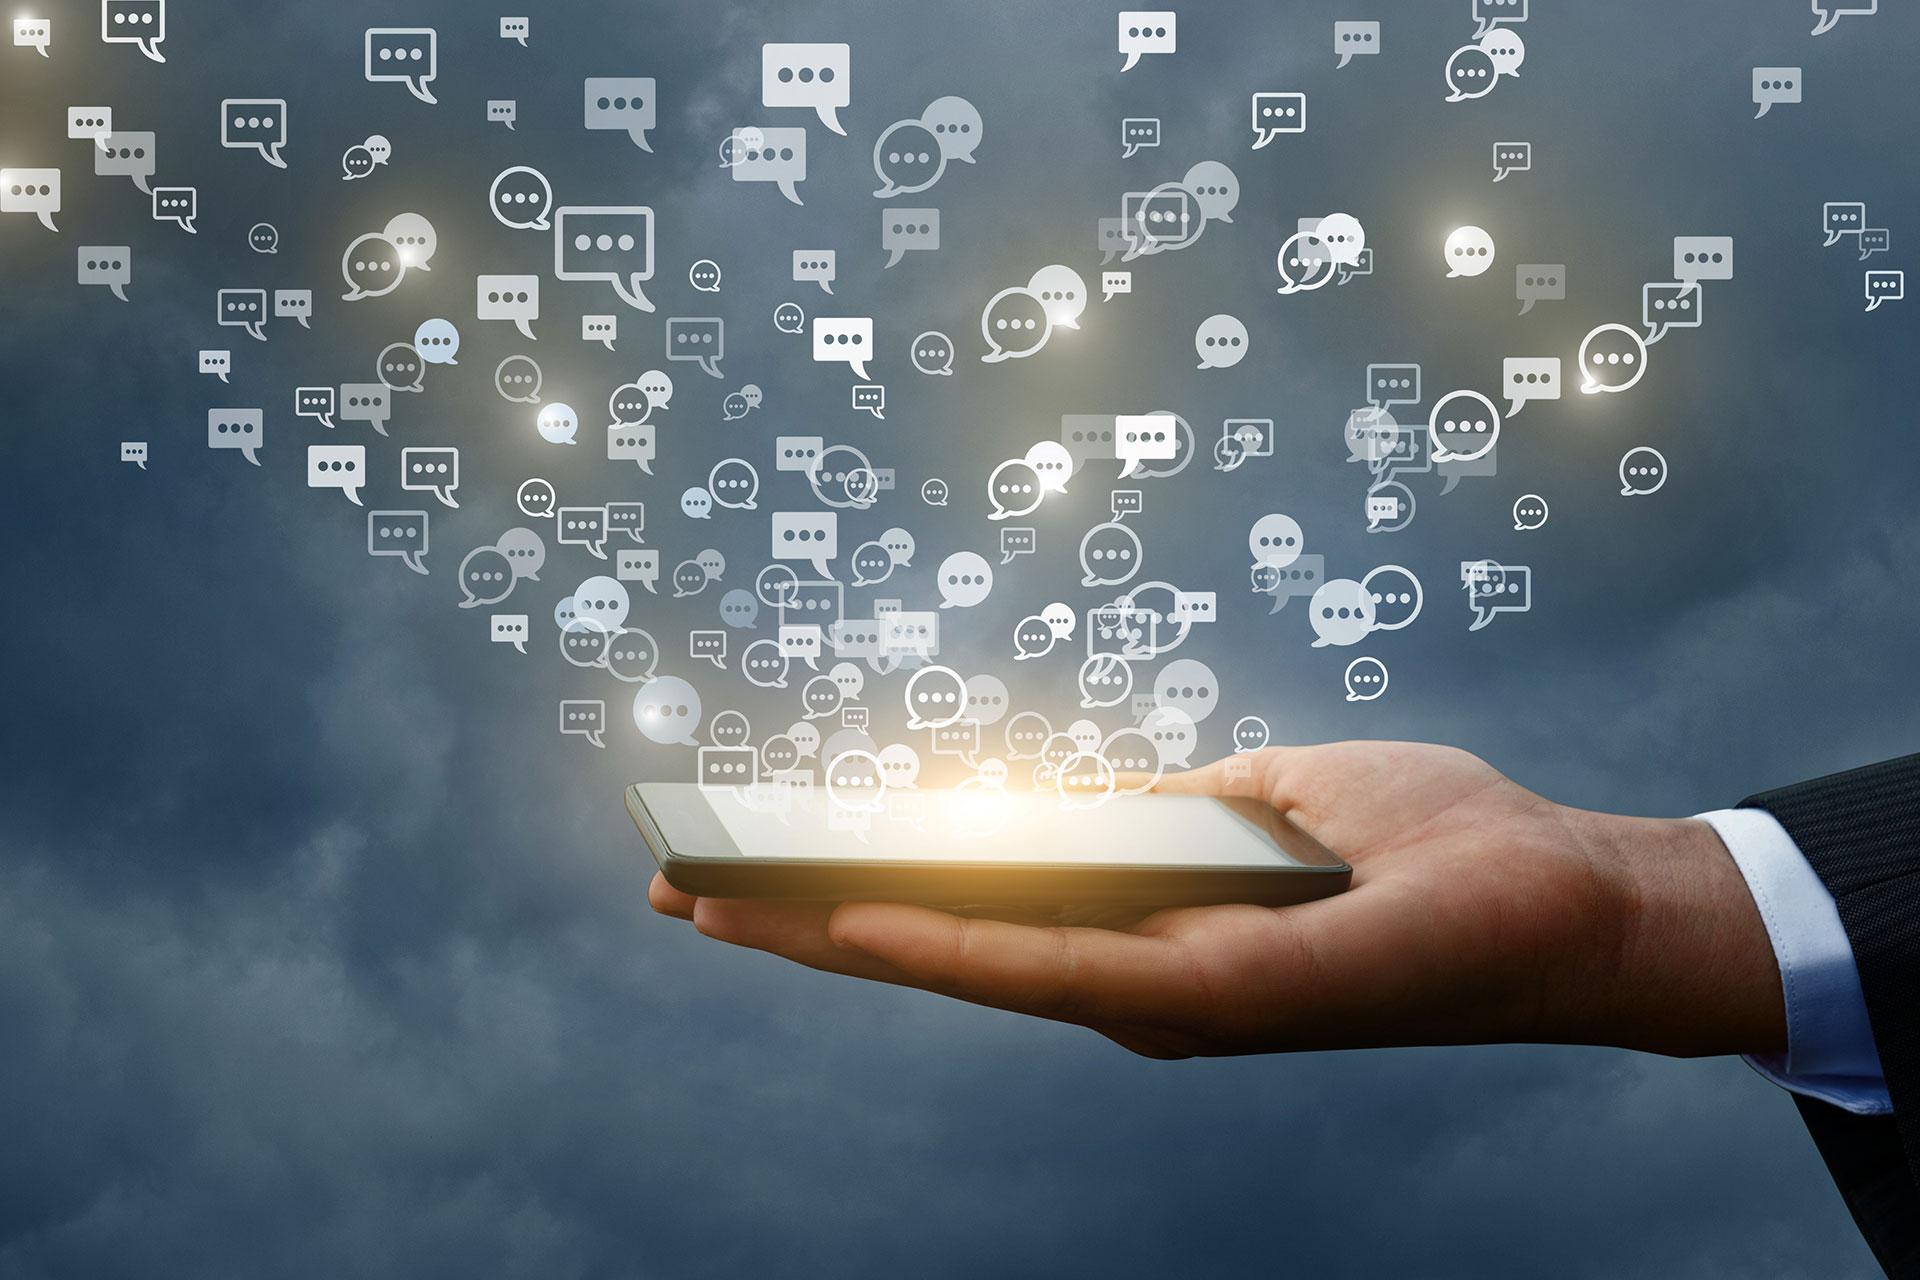 Ein Smartphone liegt auf der Handfläche eines Mannes, Kommentarsymbole steigen vom Smartphone auf